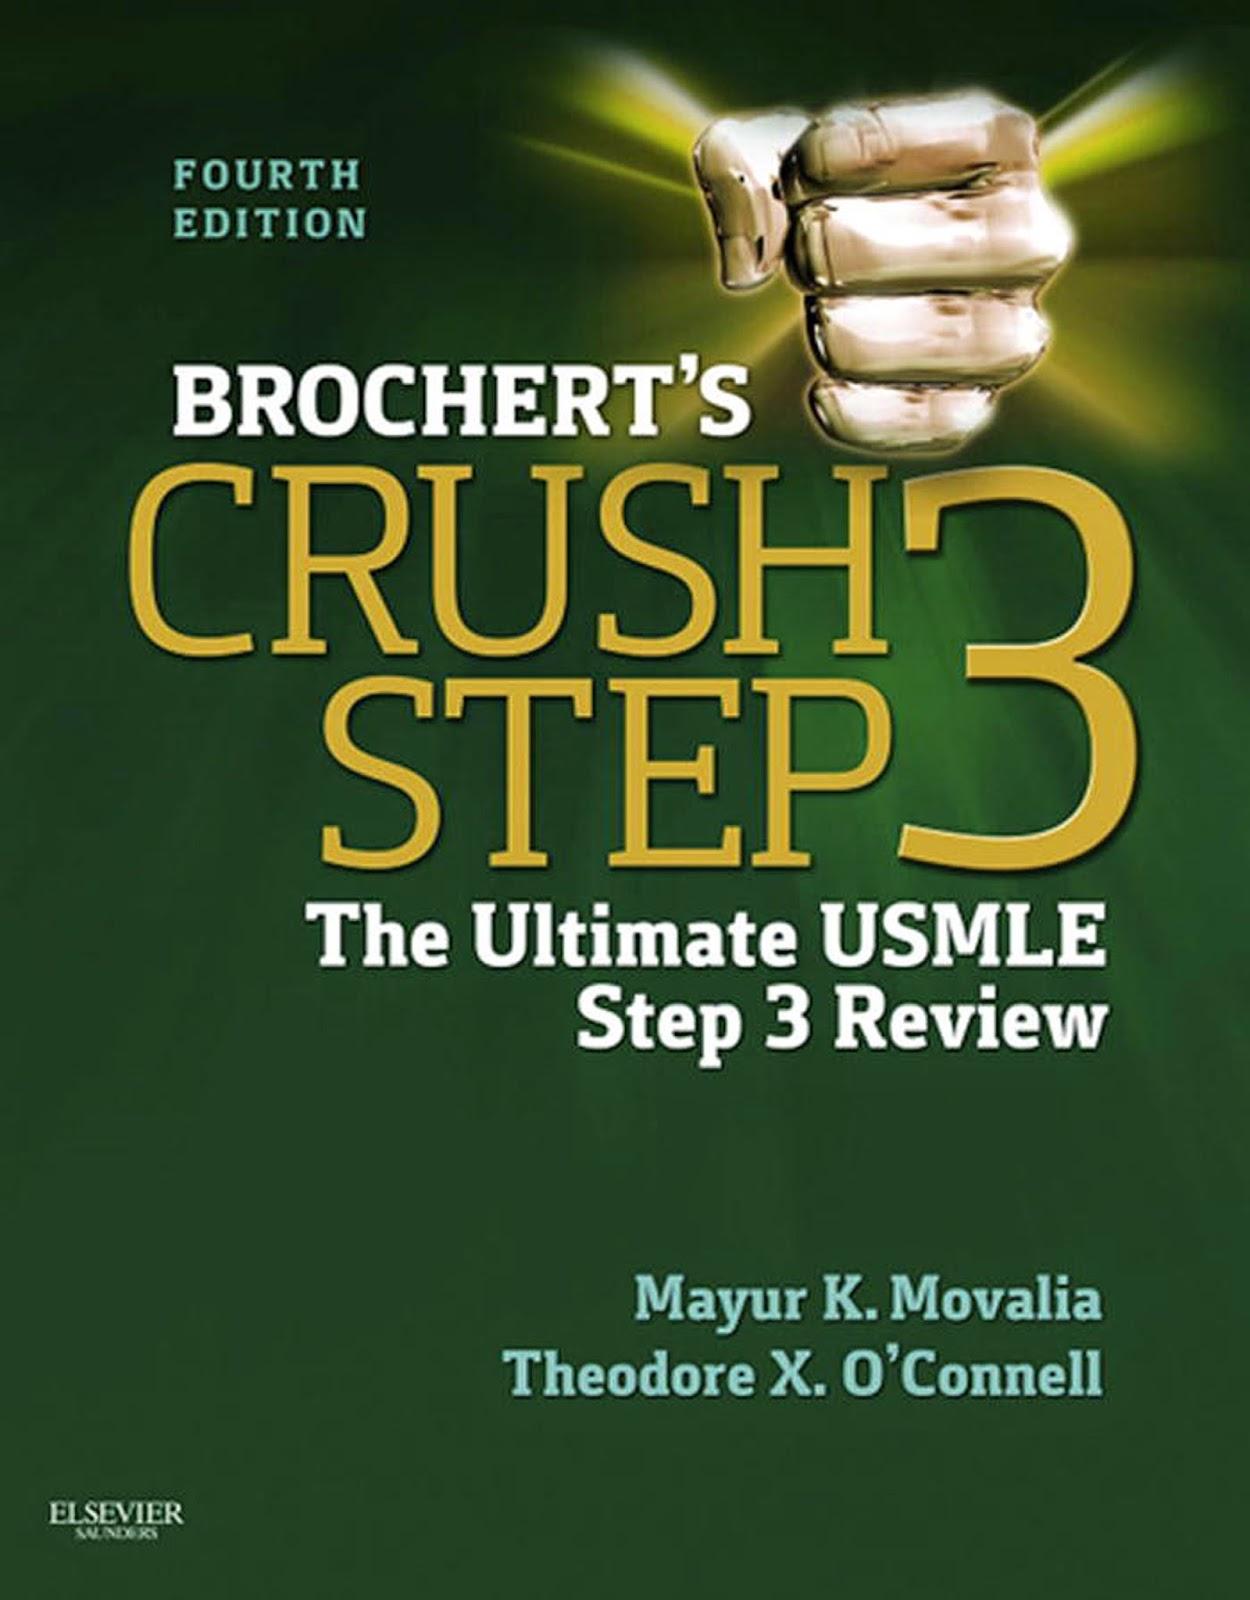 crush usmle step 3 pdf